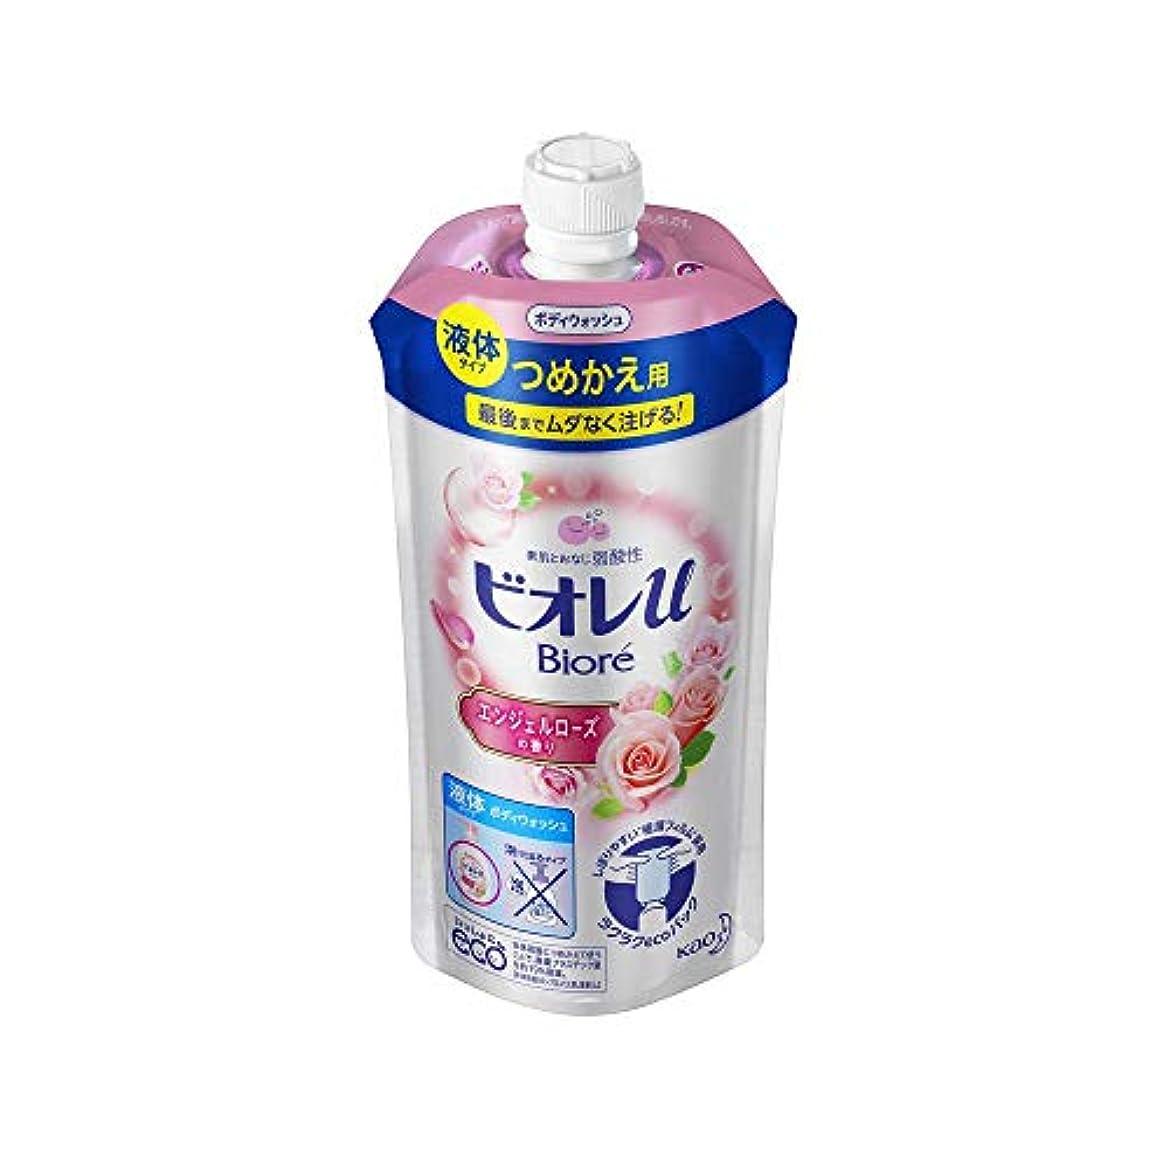 探す札入れ子供時代花王 ビオレu エンジェルローズの香りつめかえ用 340ML